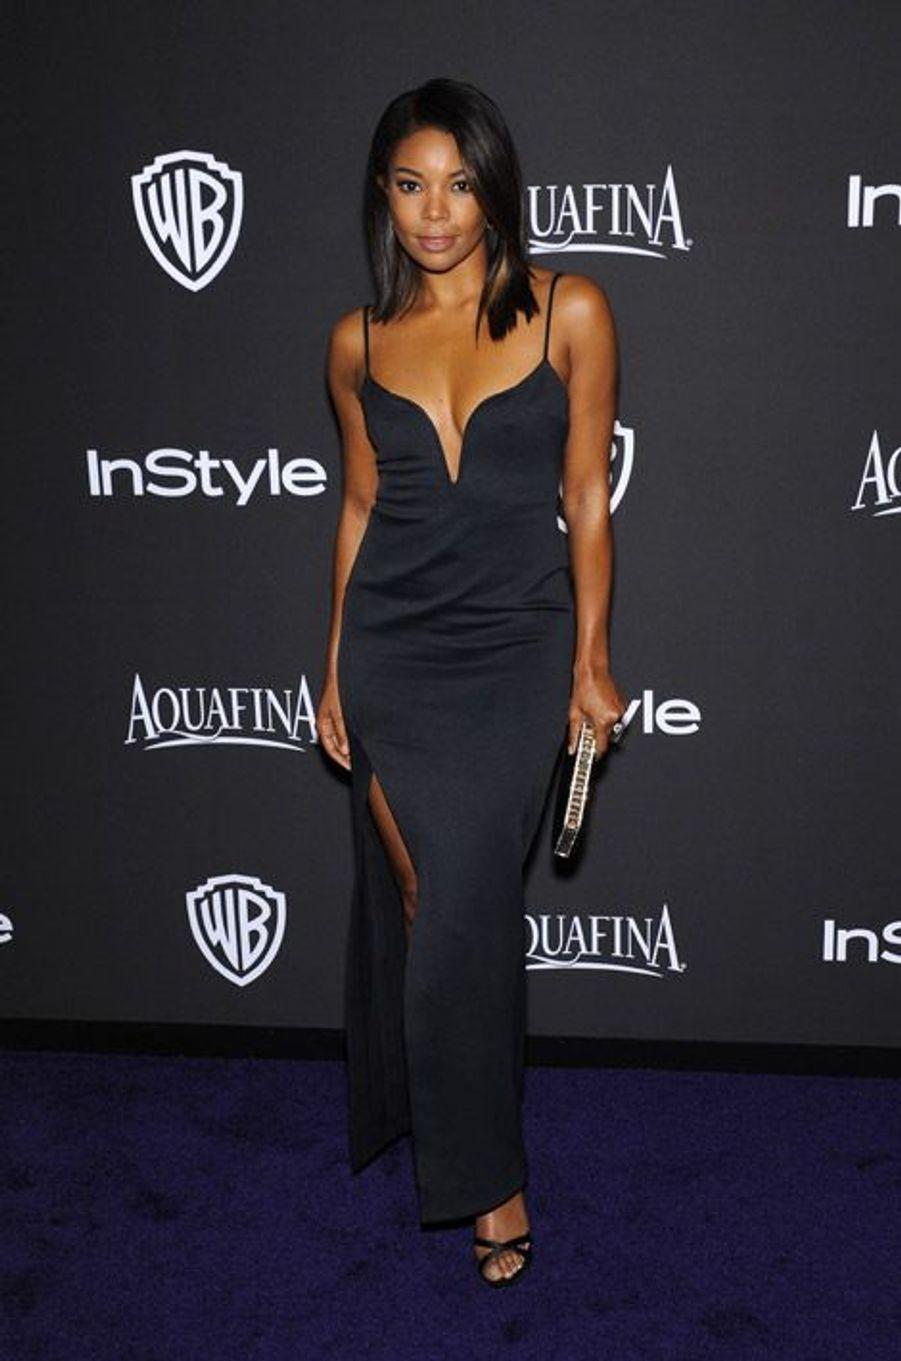 Gabrielle Union à la soirée InStyle organisée avant les Golden Globes, le 11 janvier 2015